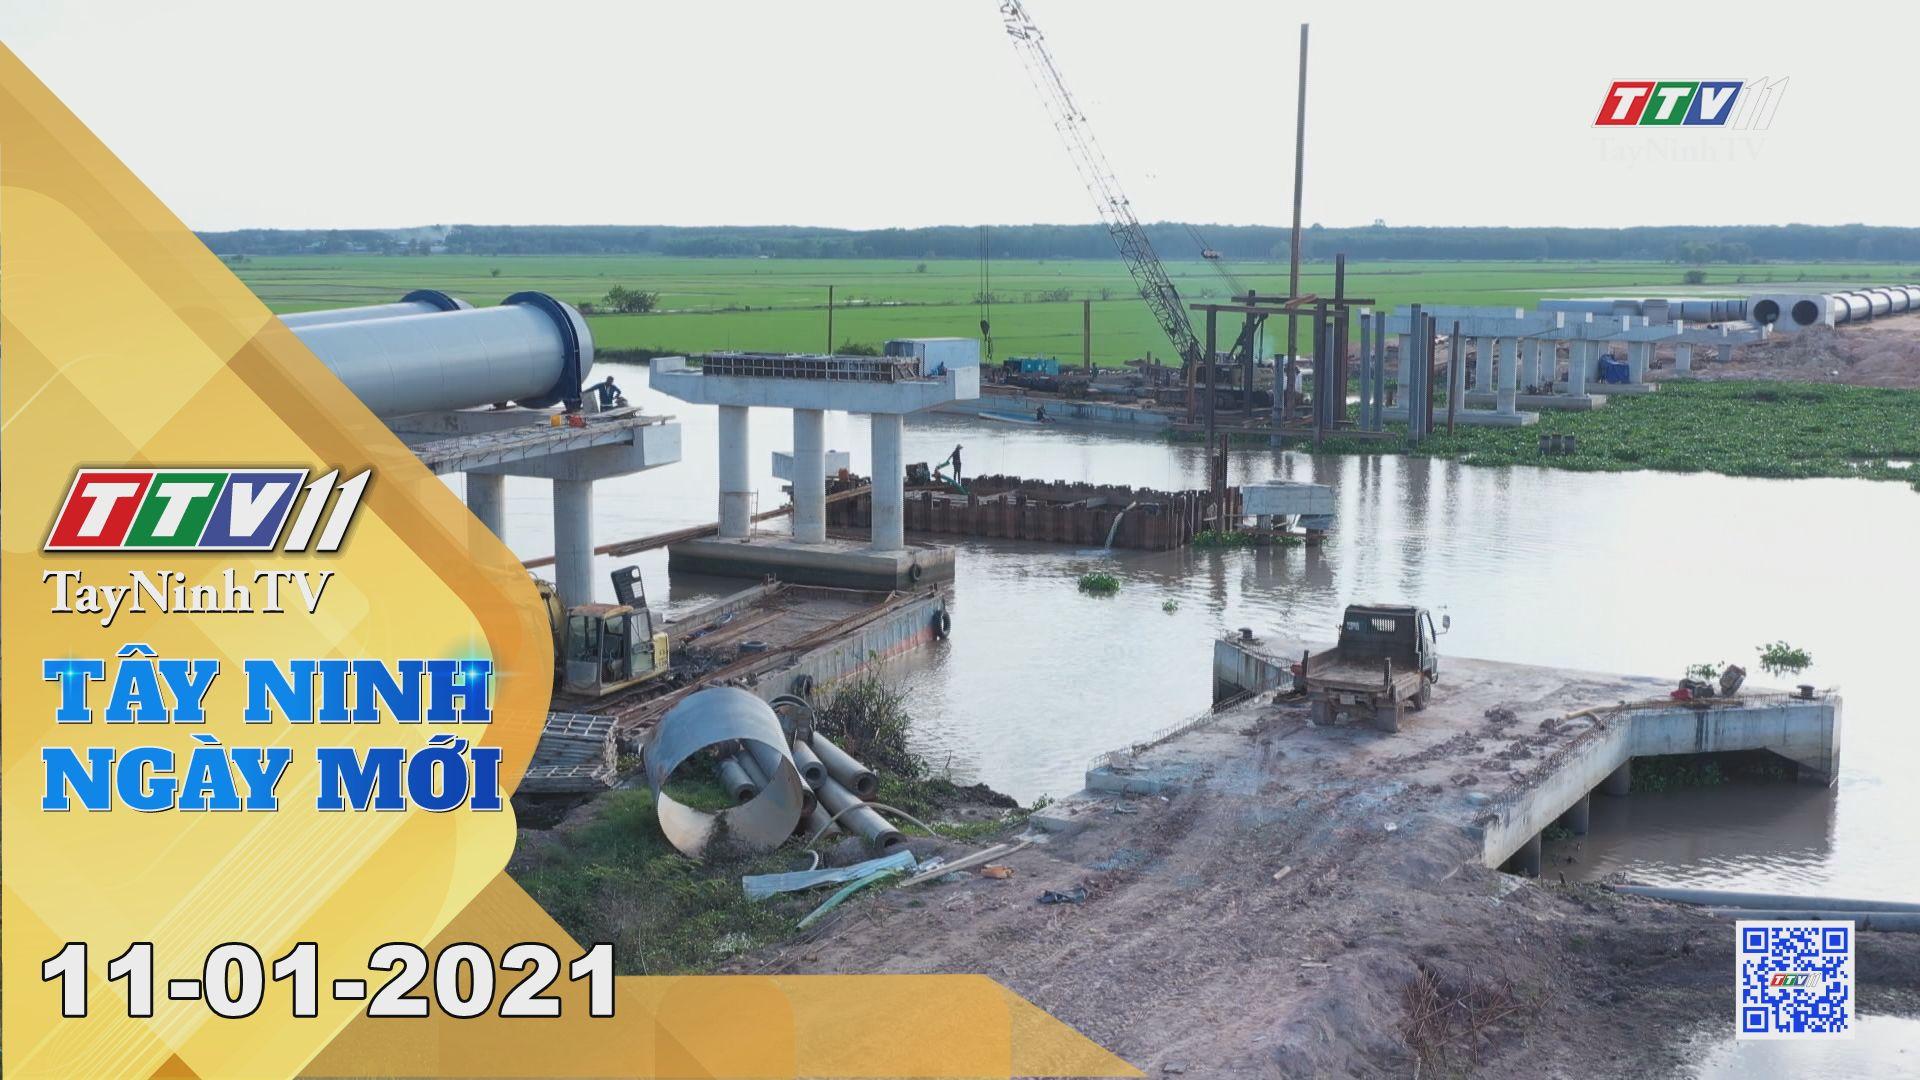 Tây Ninh Ngày Mới 11-01-2021 | Tin tức hôm nay | TayNinhTV